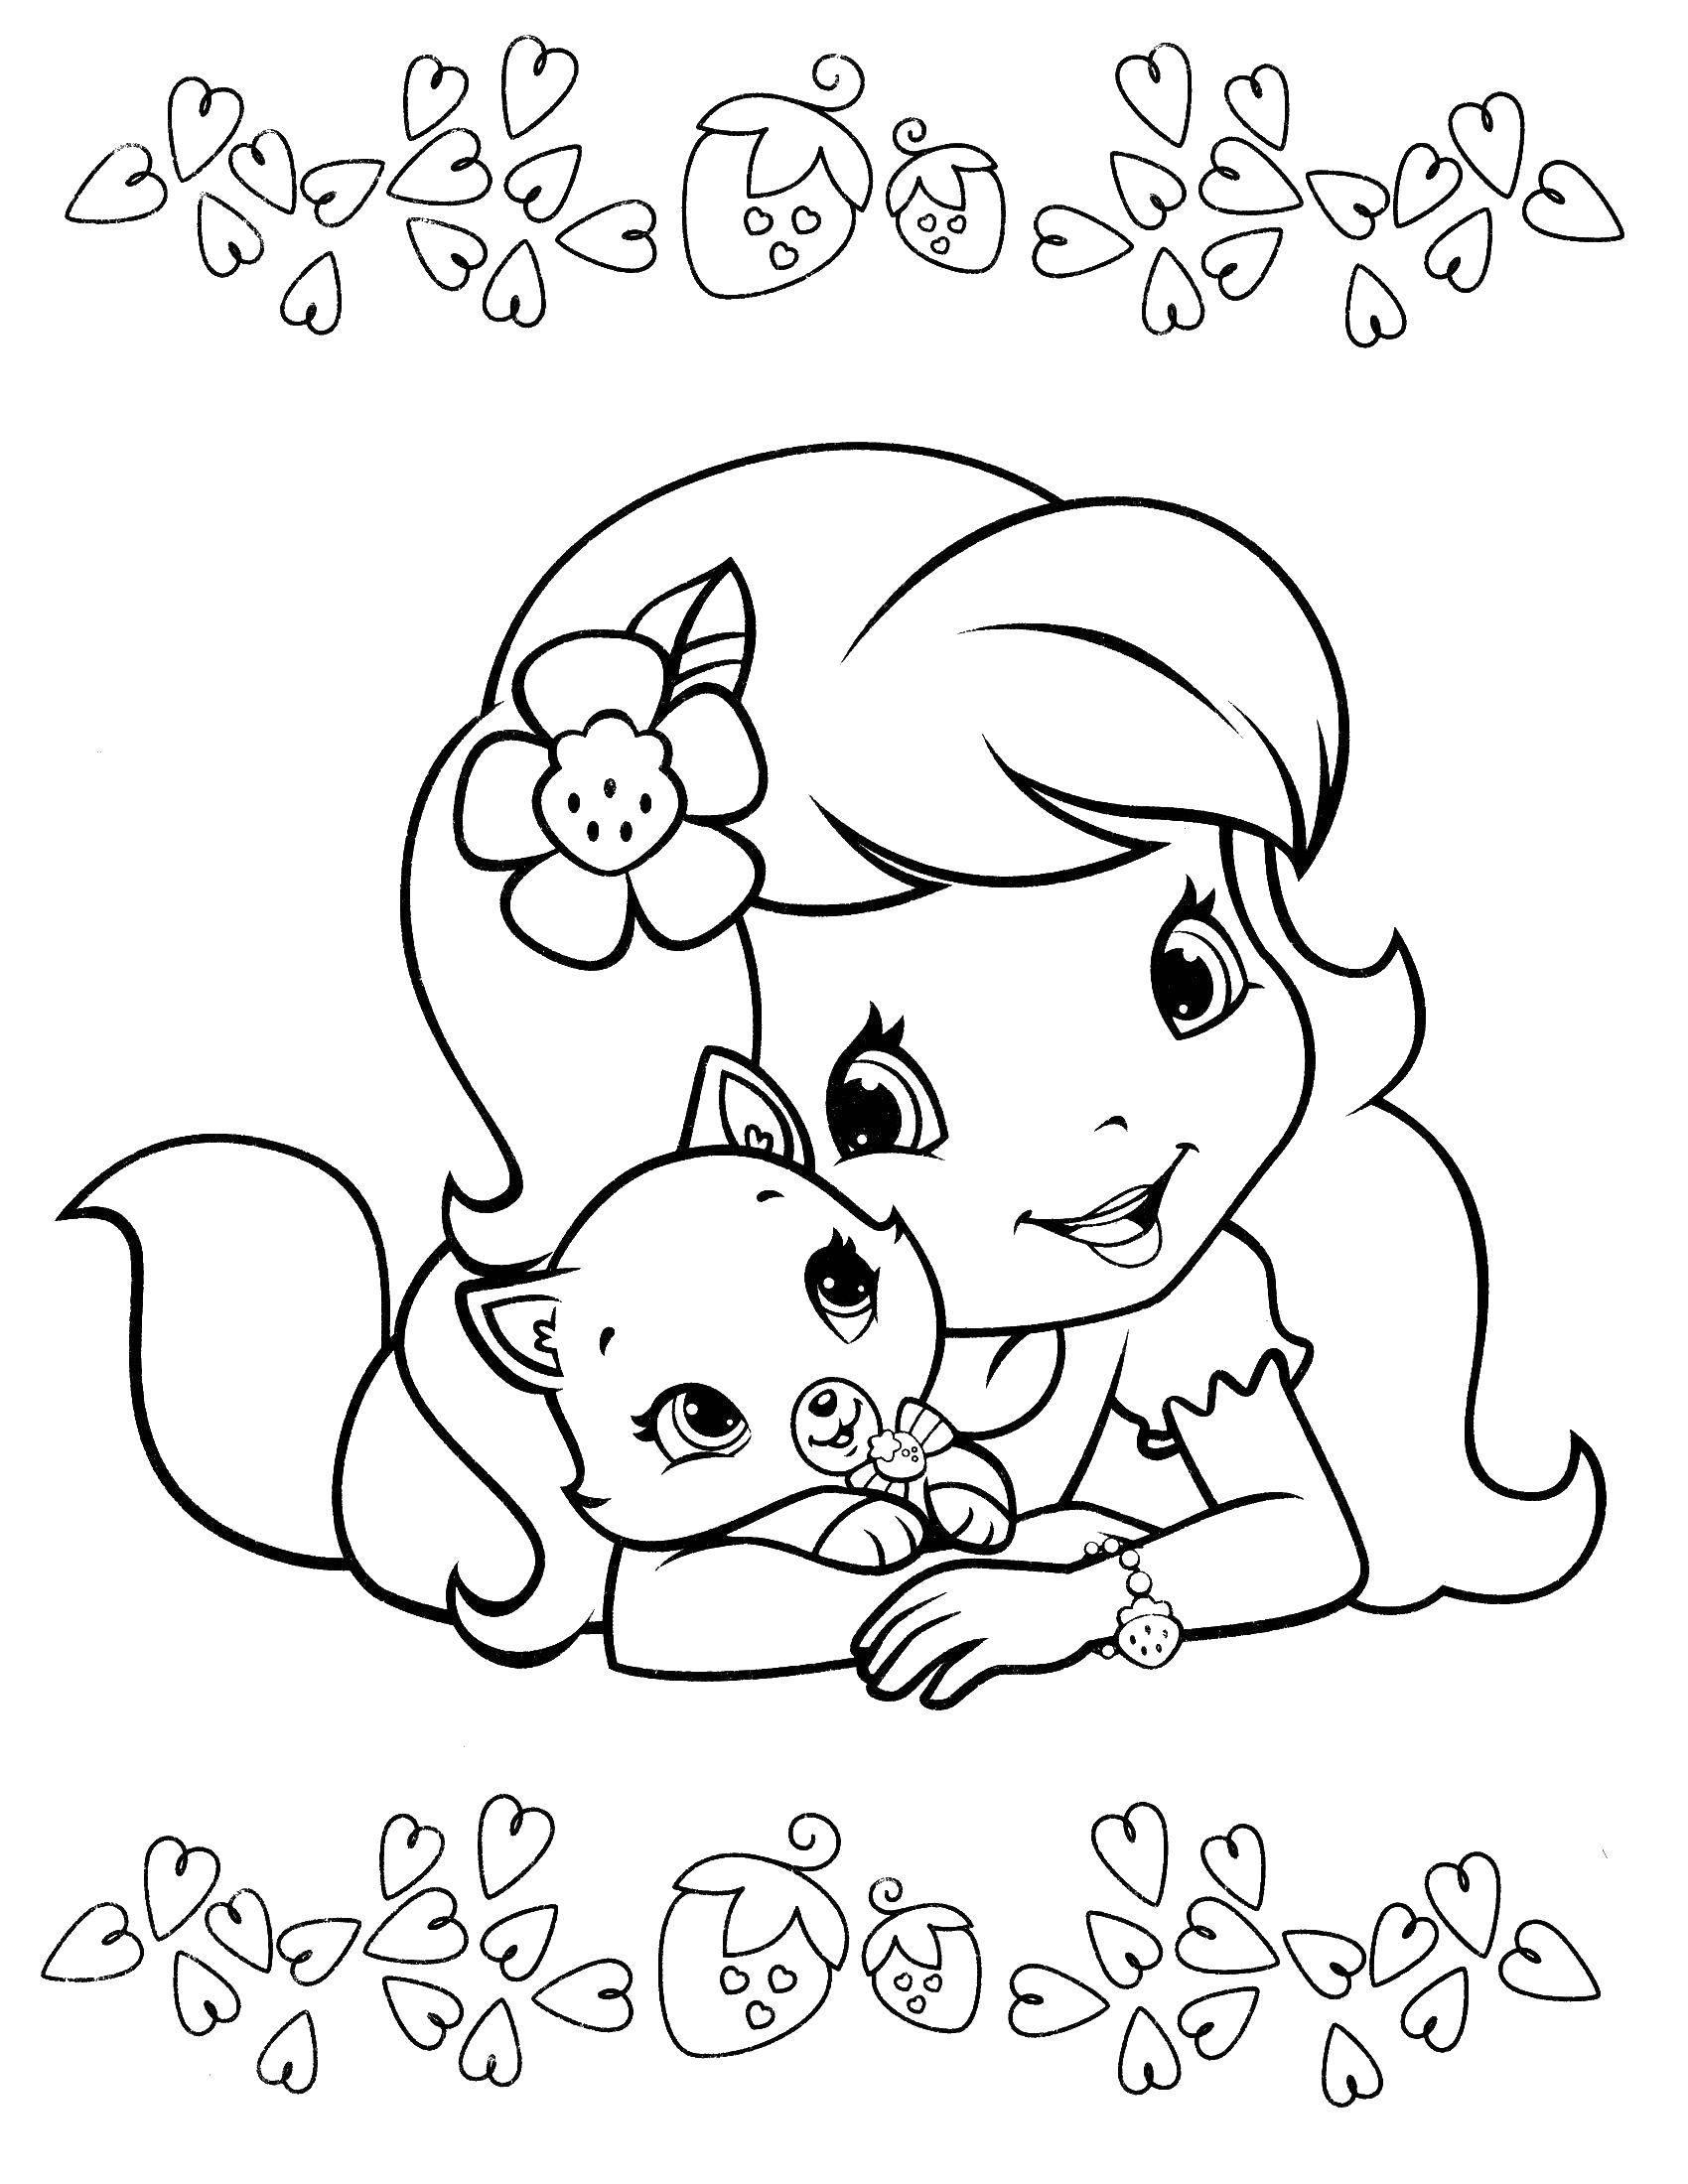 Раскраска Шарлотта земляничка обнимает кошечку Скачать шарлотта, земляничка, мультики.  Распечатать ,шарлотта земляничка мультики,